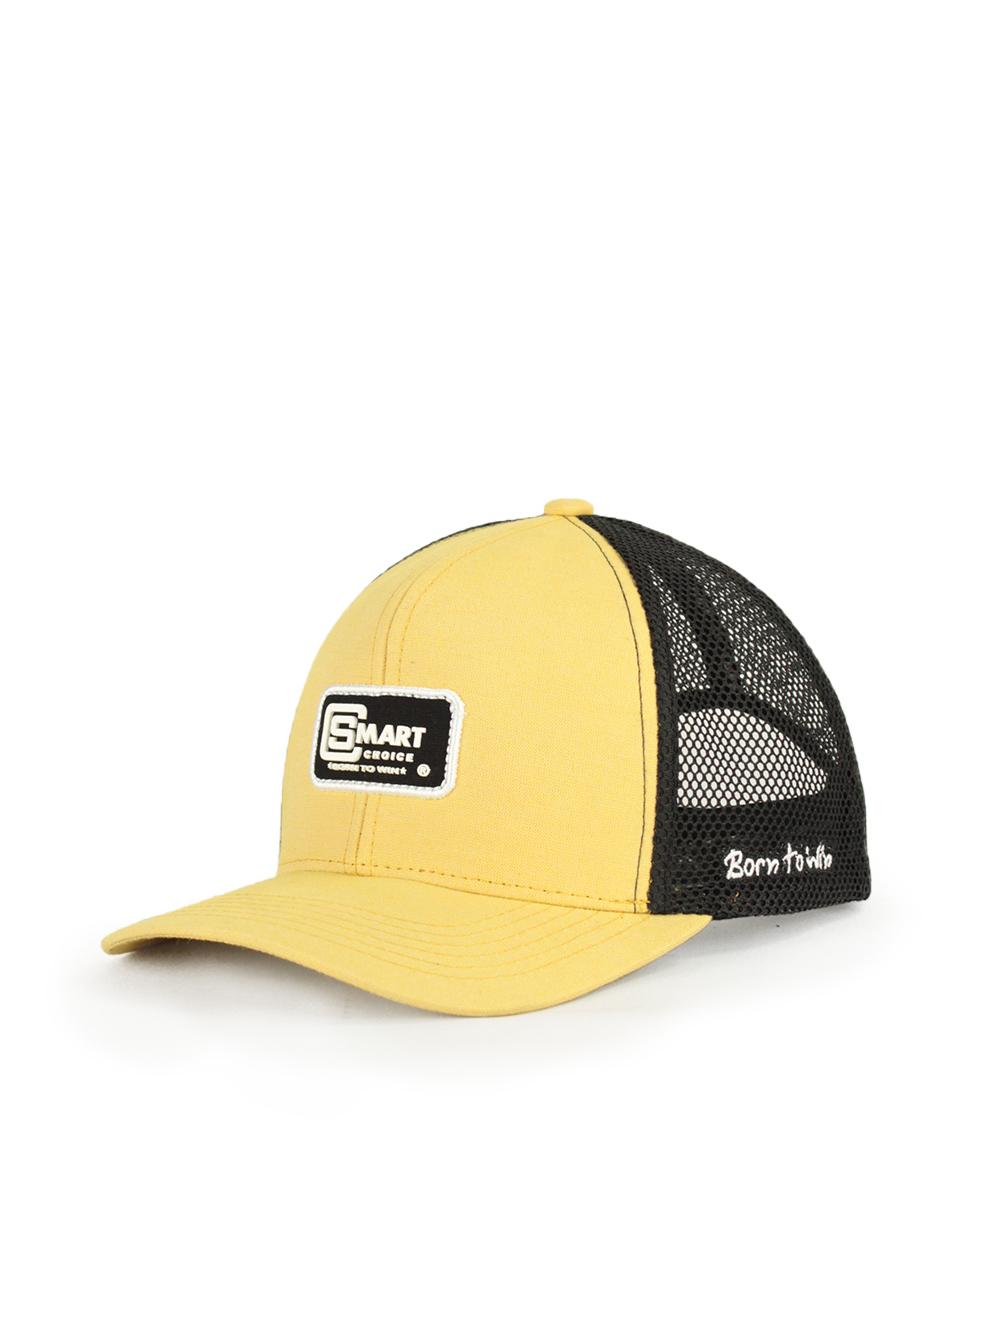 Boné Smart Amarelo e Preto com Bordado Branco